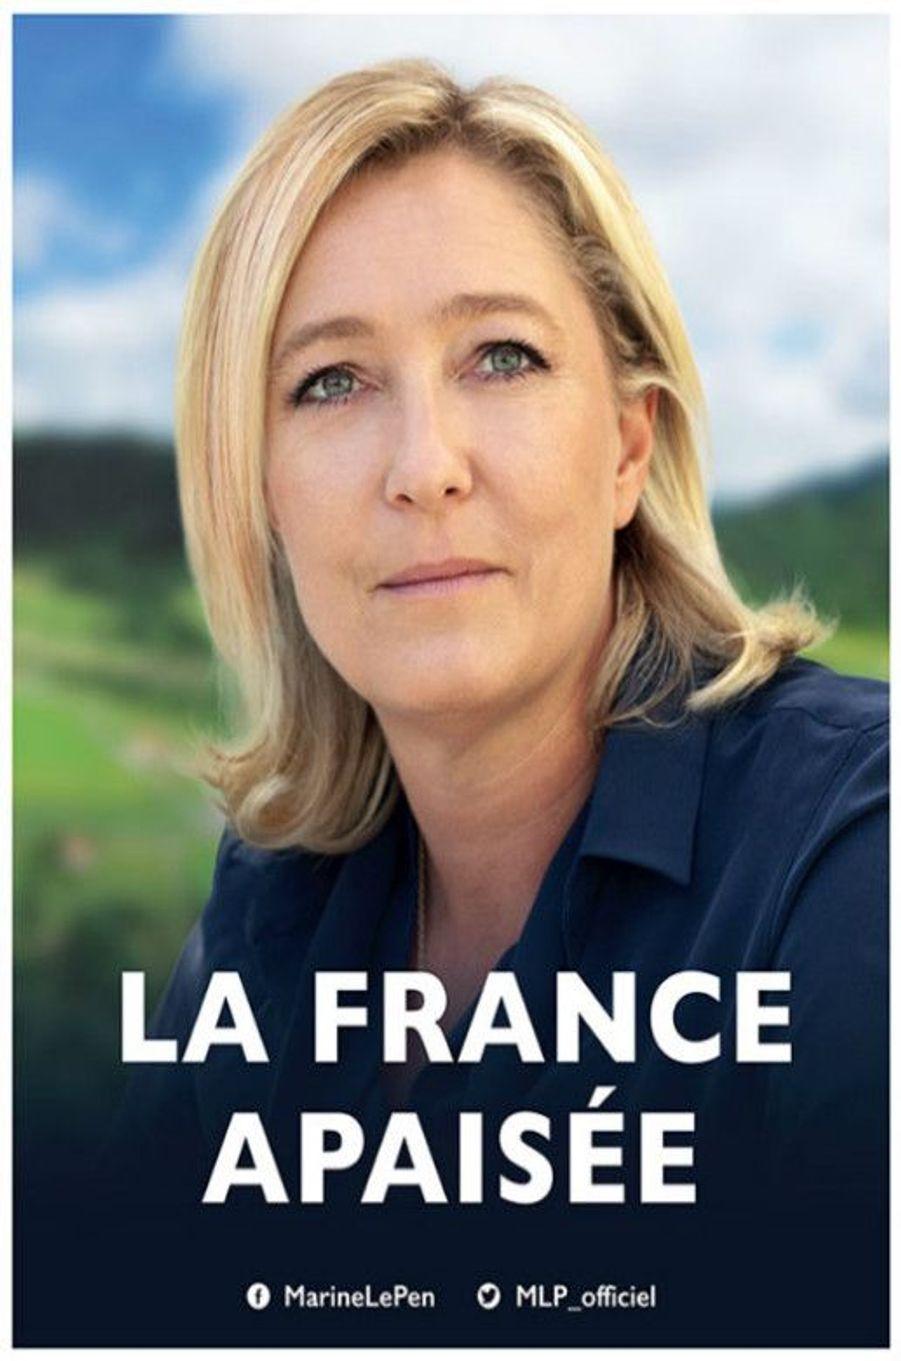 Marine Le Pen aussi joue la carte de l'apaisement, terme central de son slogan de campagne. Derrière la candidate souriante, les yeux levés vers le ciel, des pâturages verdoyants et un ciel ensoleillé.